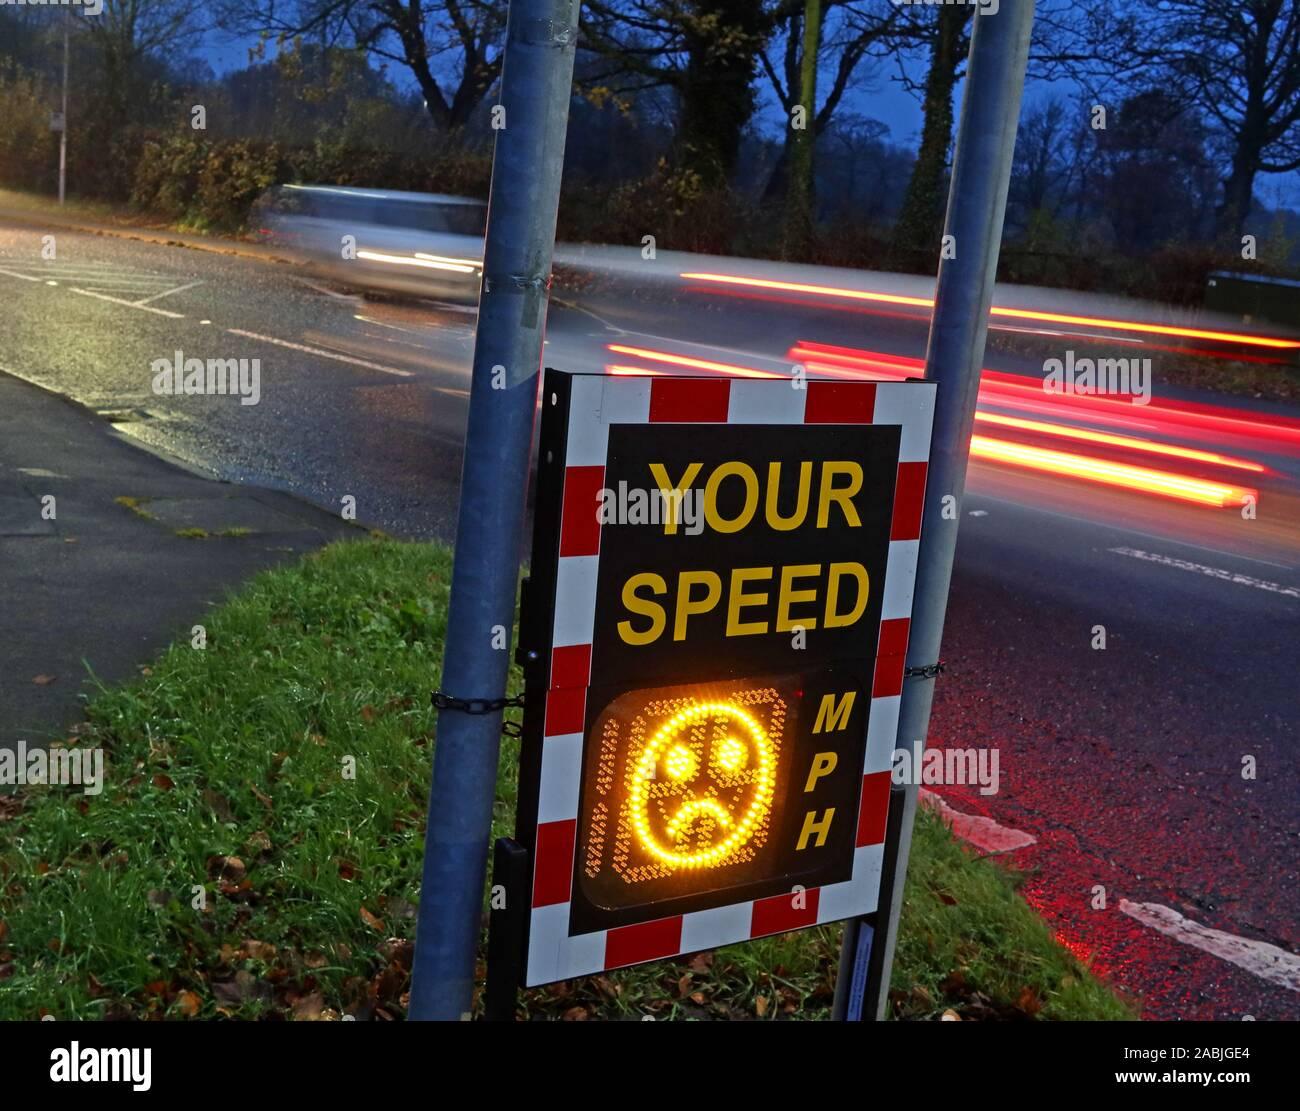 Dieses Stockfoto: Gemeinschaft Geschwindigkeit Radar prüft, zeigt Ihre Geschwindigkeit in MPH, 50, Knutsford Straße, grappenhall/Massey Bach, Warrington, Cheshire, England UK-traurige Gesicht - 2ABJGE